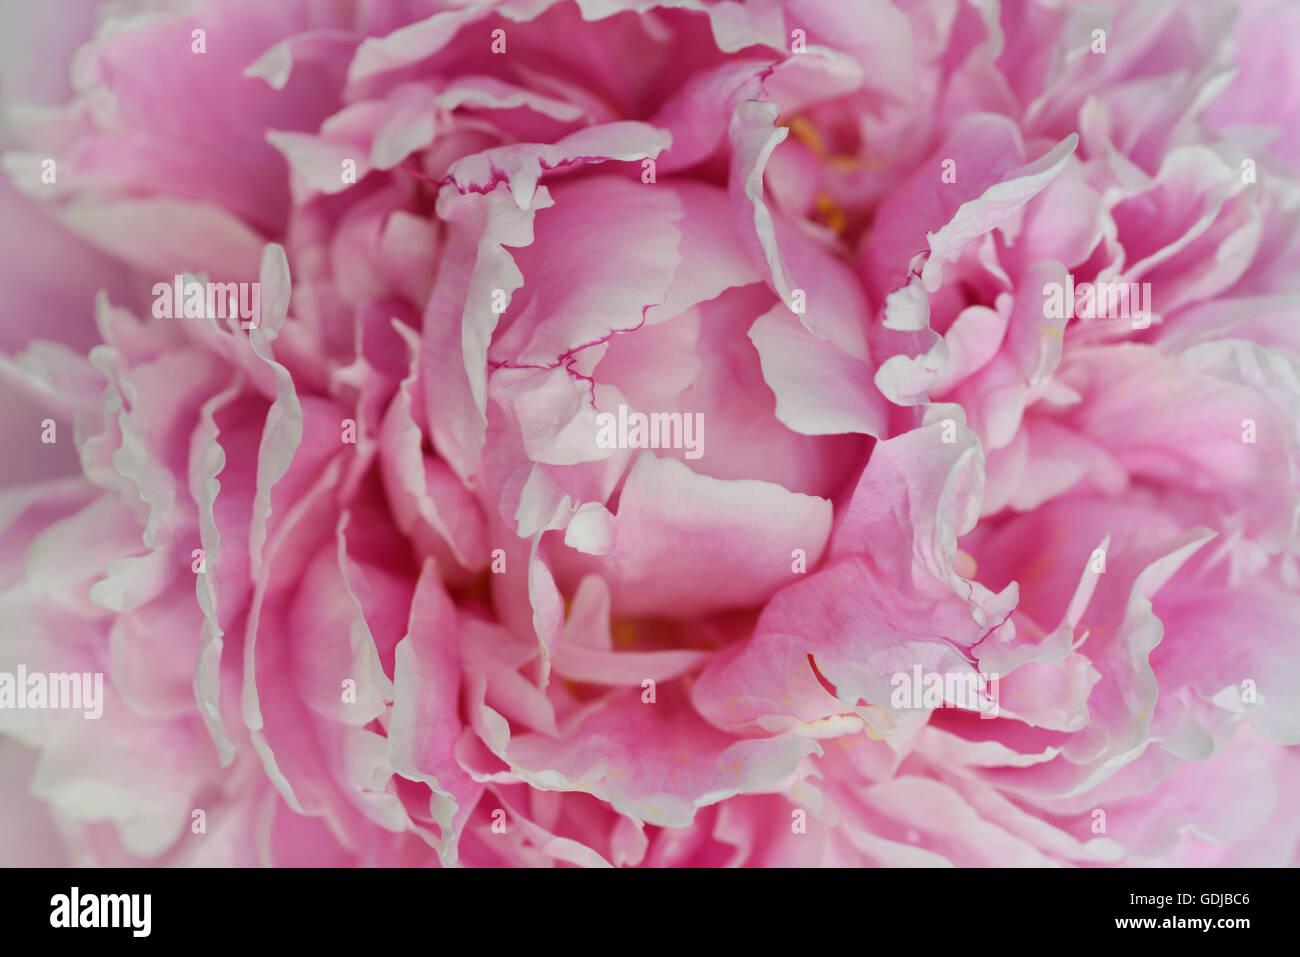 Nahaufnahme von rosa Blütenblätter eine Pfingstrose Blüte Stockbild